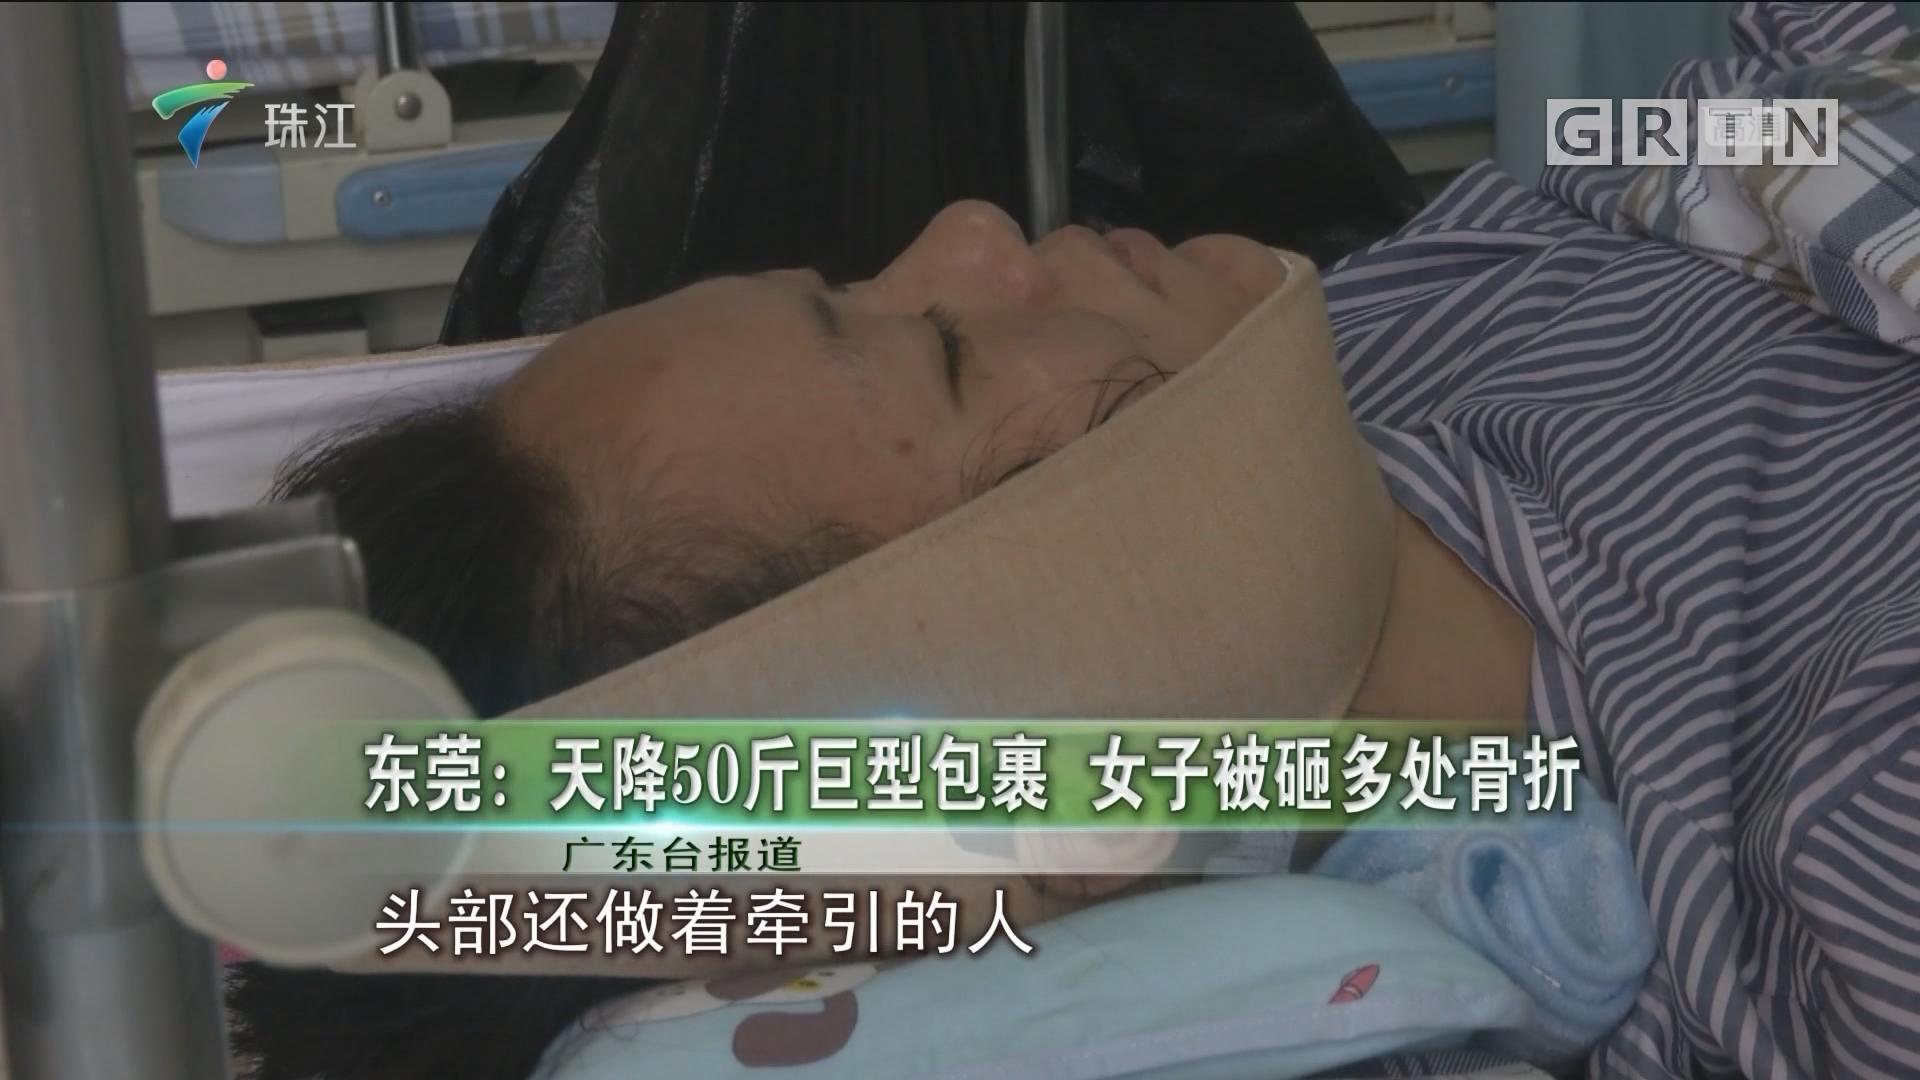 东莞:天降50斤巨型包裹 女子被砸多处骨折